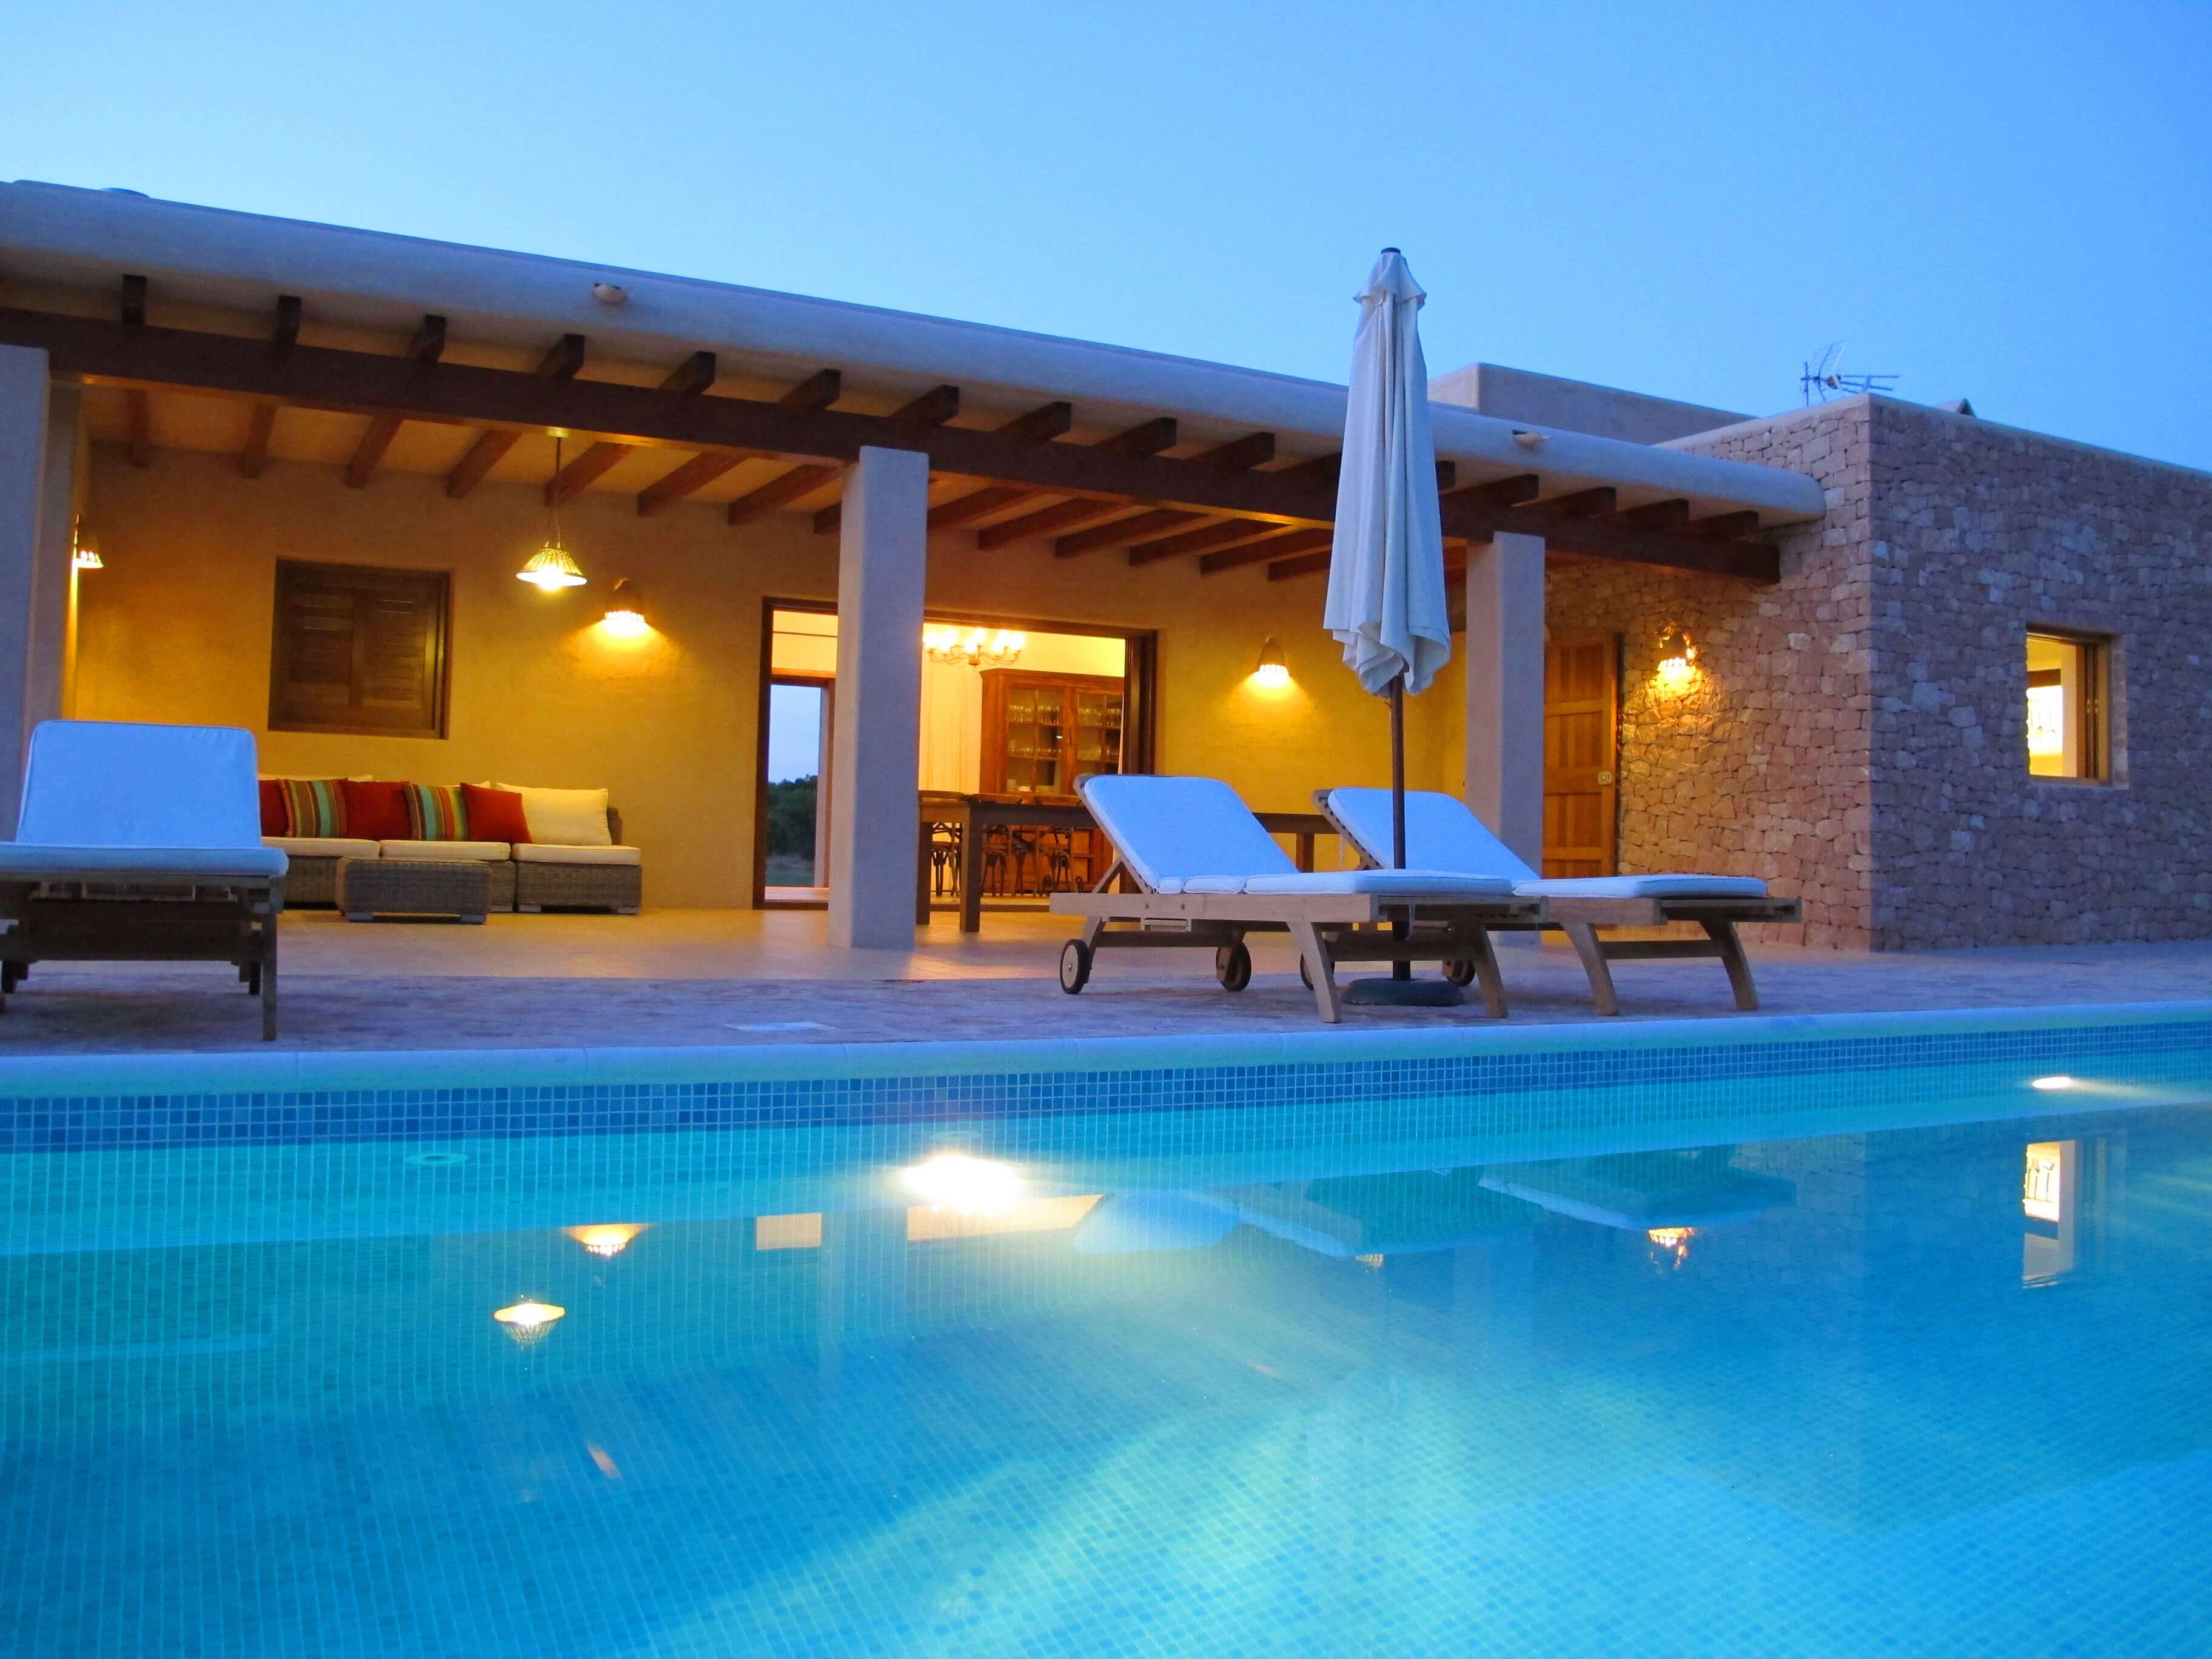 Villa Can Cardona en Formentera. Casa rural con jardín y piscina. Alojamientos turísticos Cardona